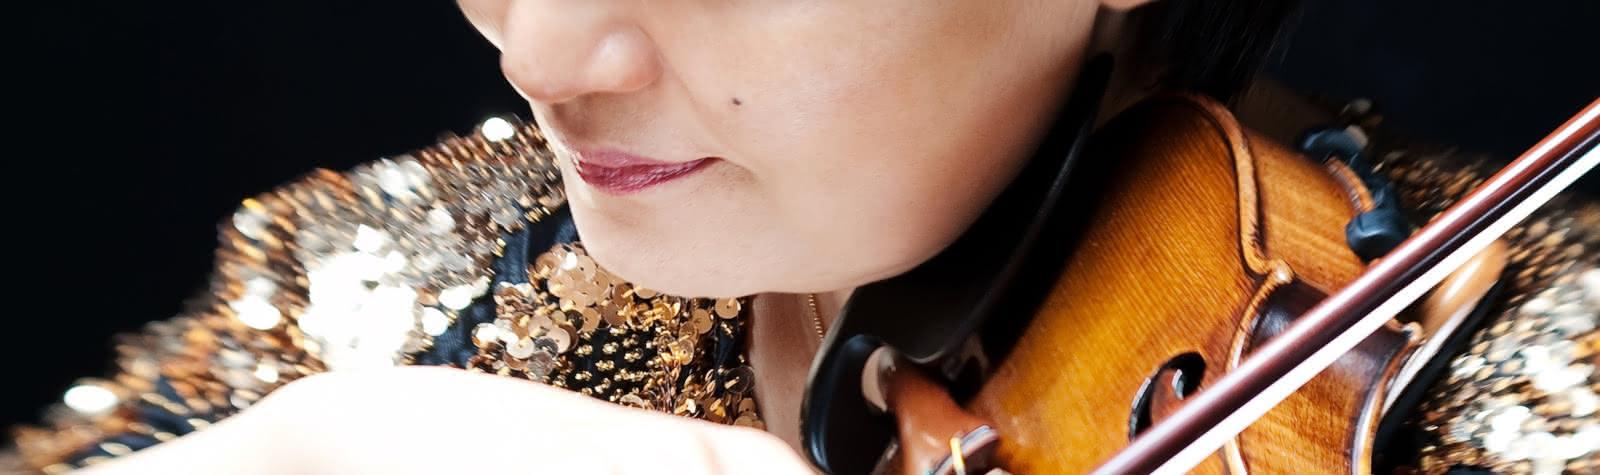 Le Caméléon : Orchestre Symphonique des Dômes - Tournée départementale